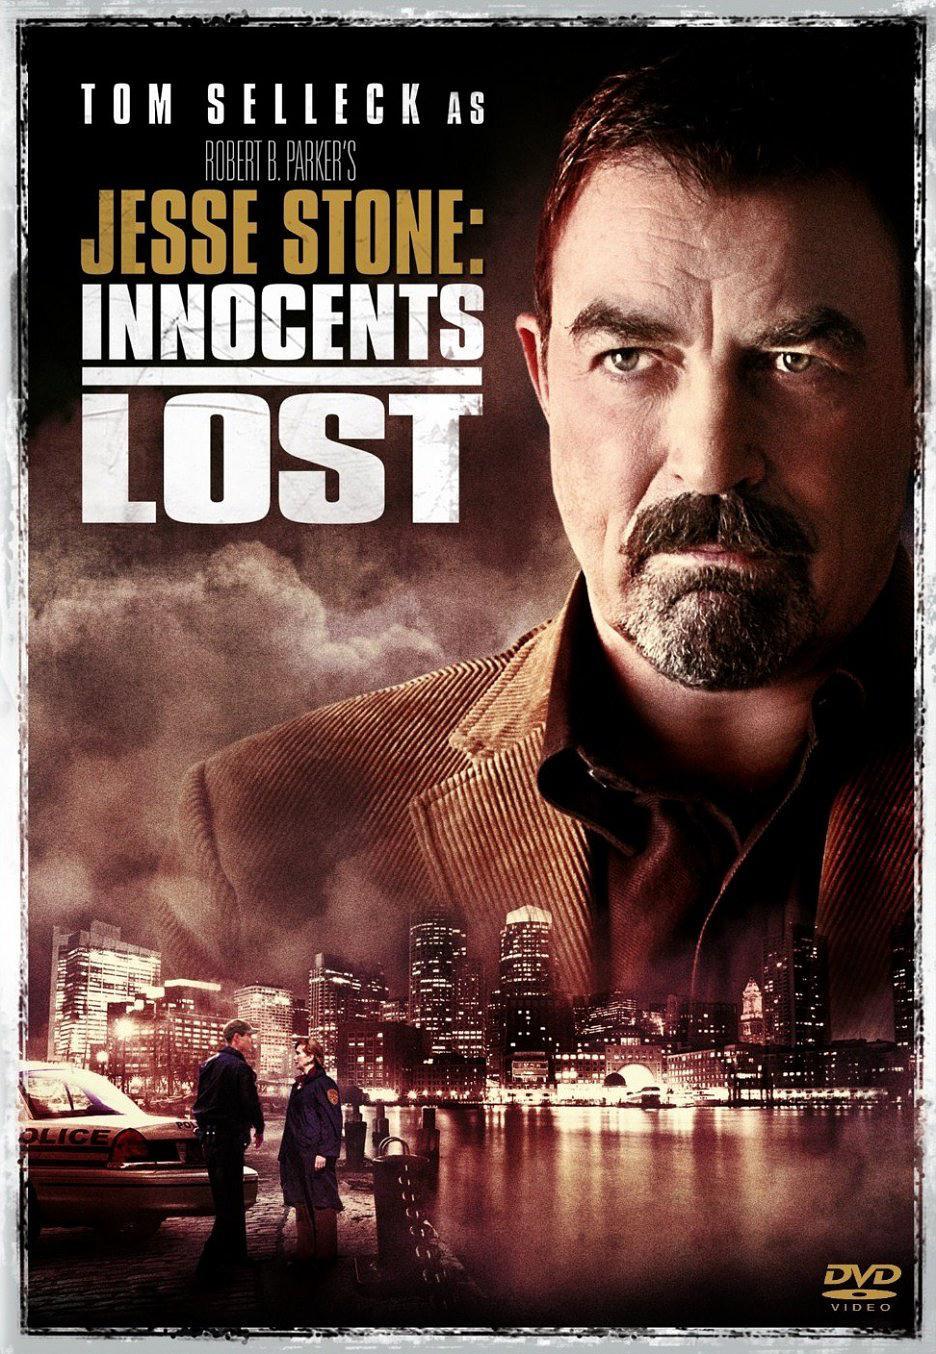 杰西警探:失踪的无辜者/杰斯·斯通:失踪的无辜者/杰西警探犯罪档案:失踪的无辜者